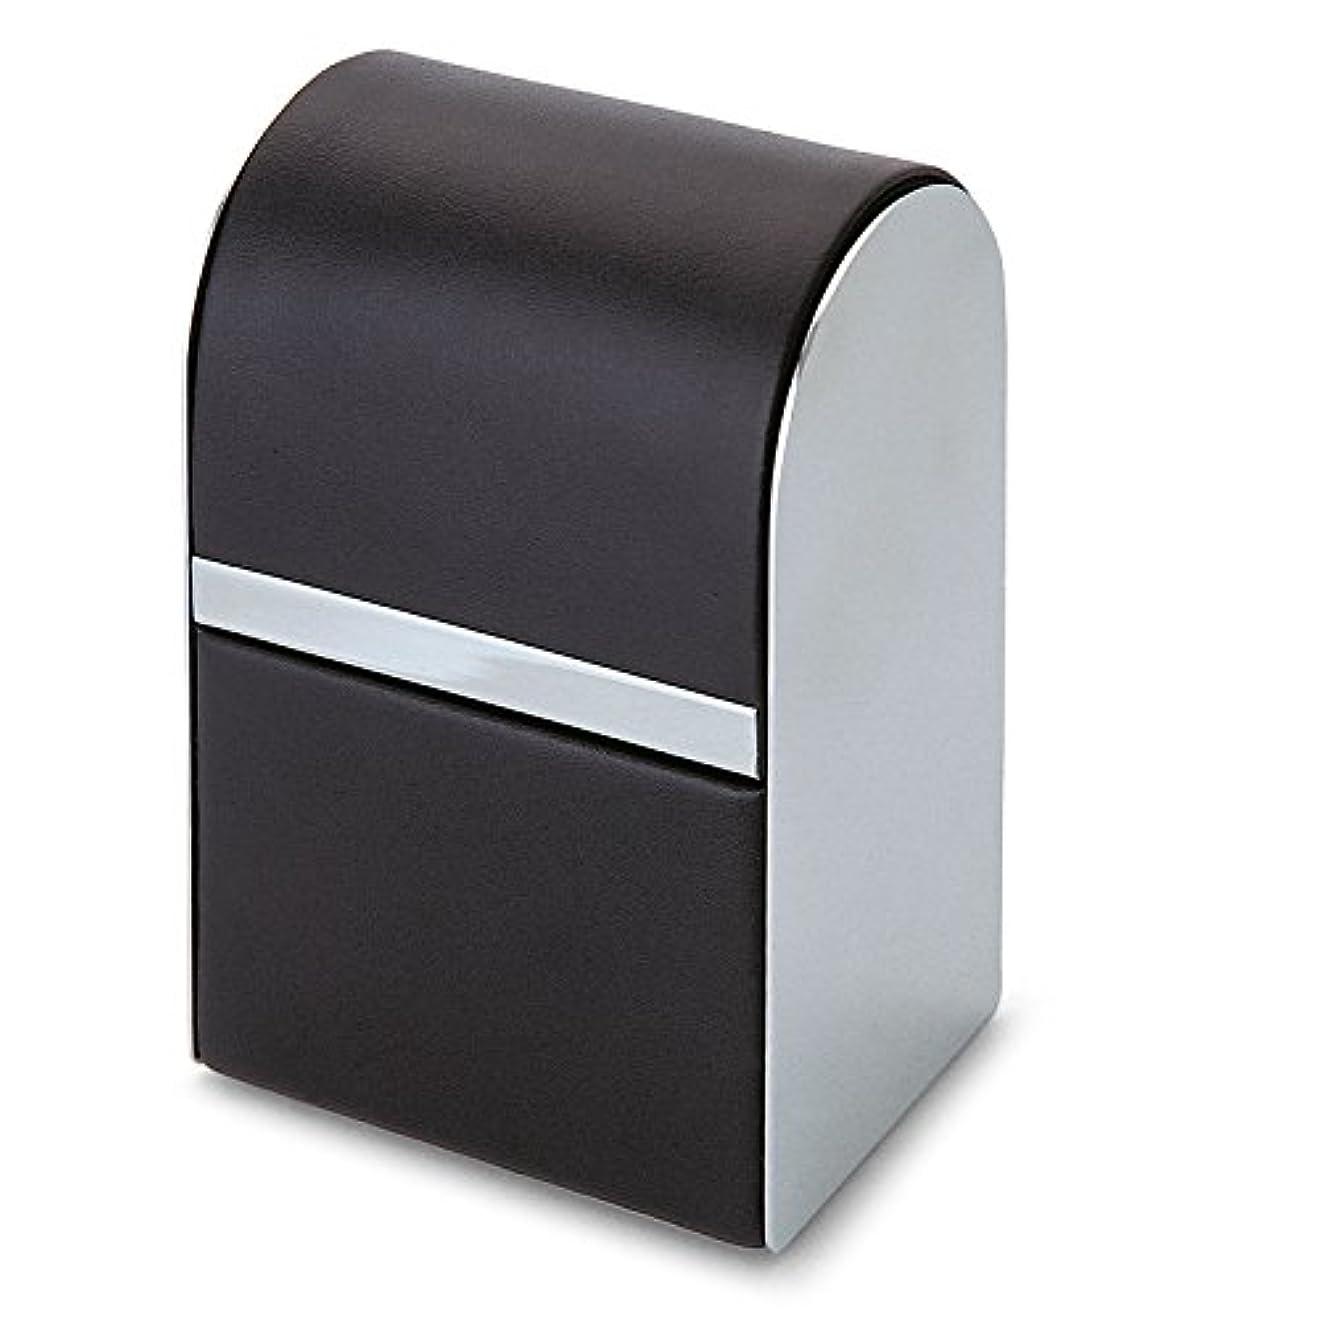 困惑するビザなしでPhilippi Giorgio メンズ身だしなみキット 7pcsセット leather stainless polished